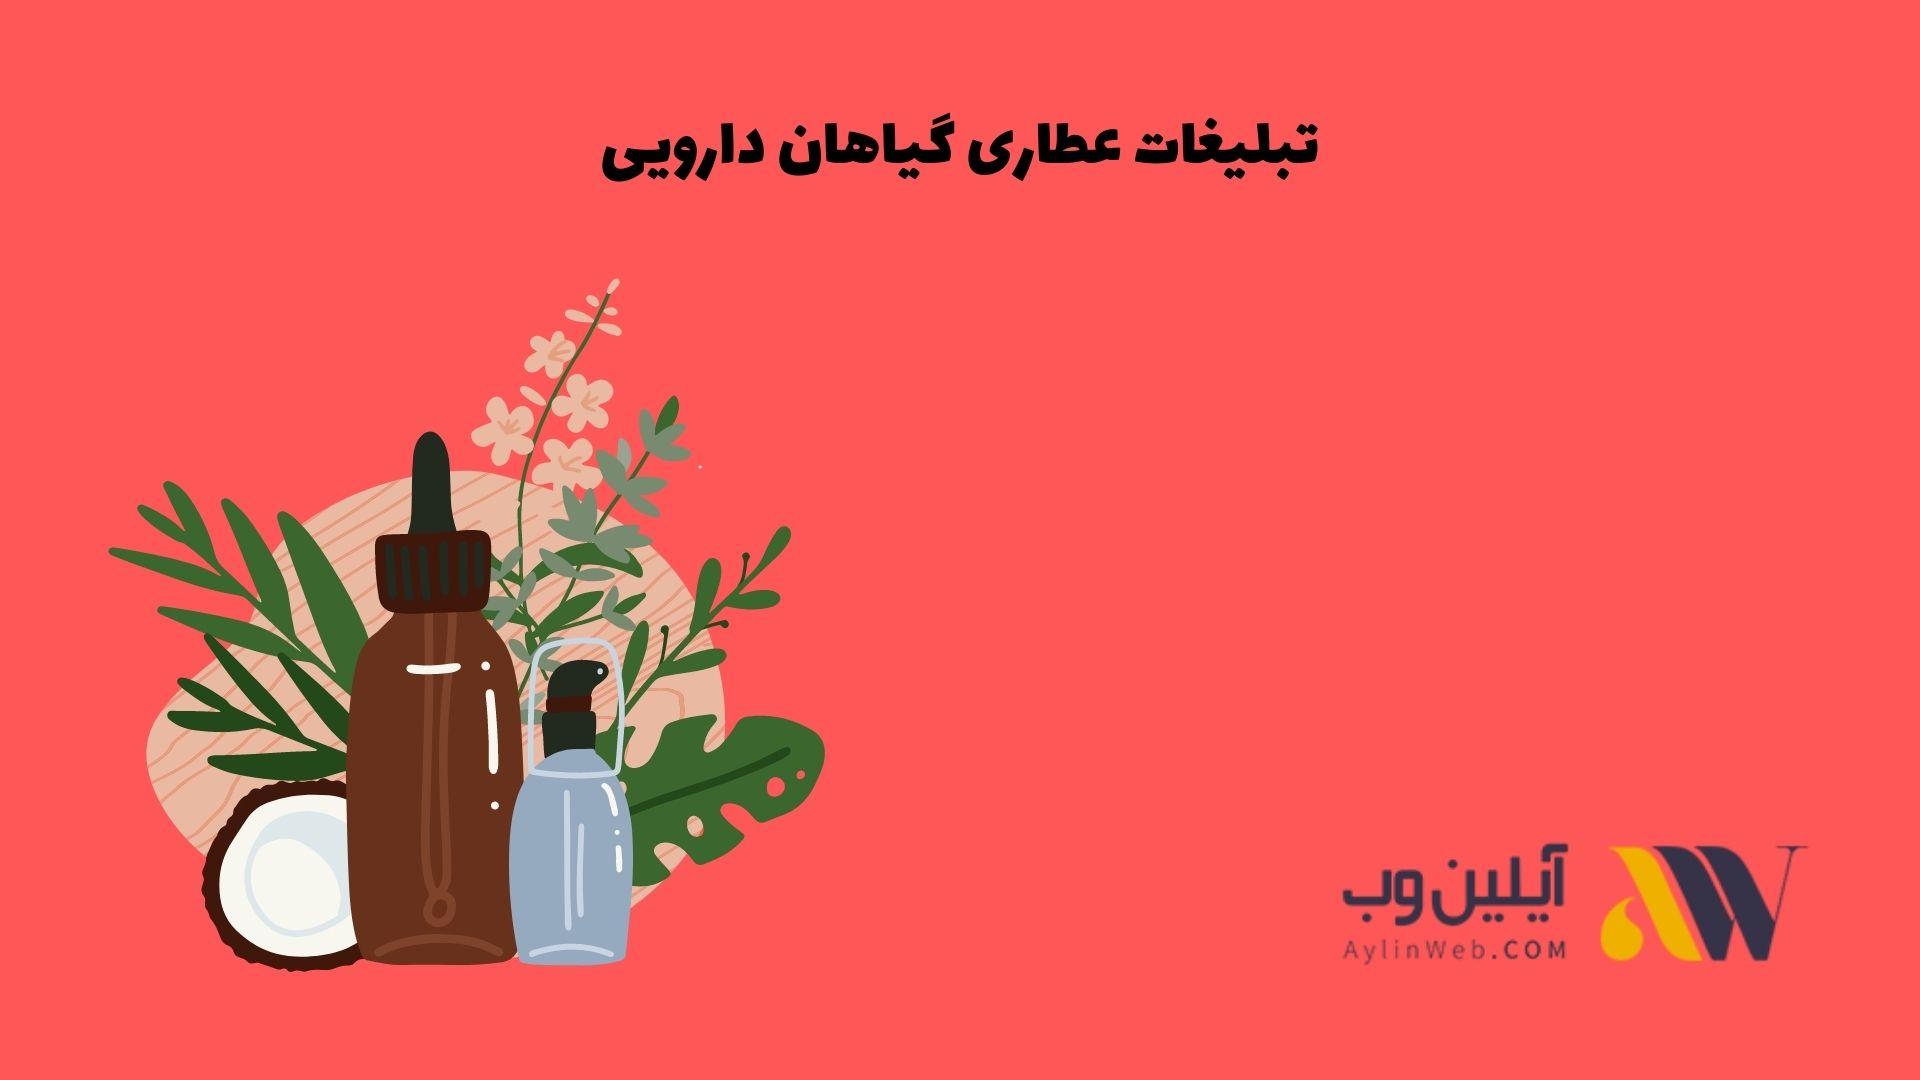 تبلیغات عطاری گیاهان دارویی